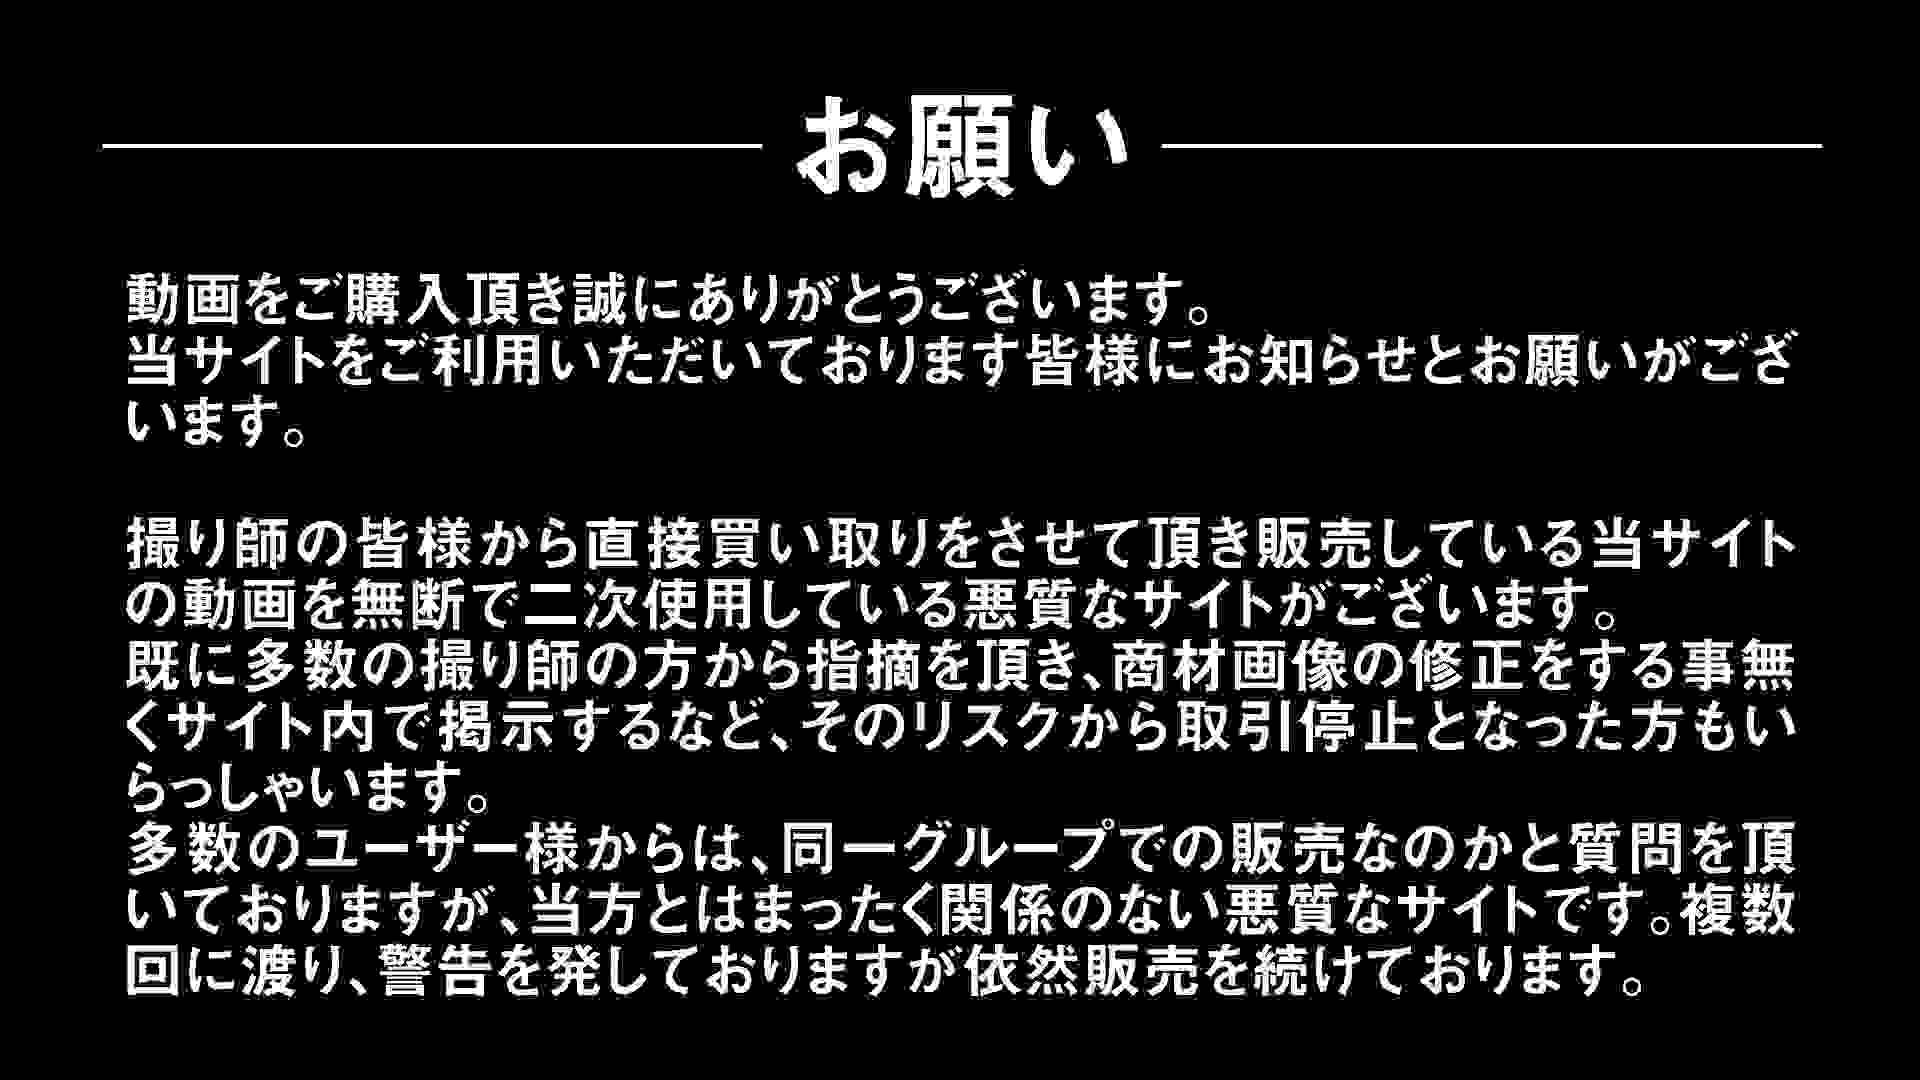 Aquaな露天風呂Vol.299 OLのエロ生活  53連発 12